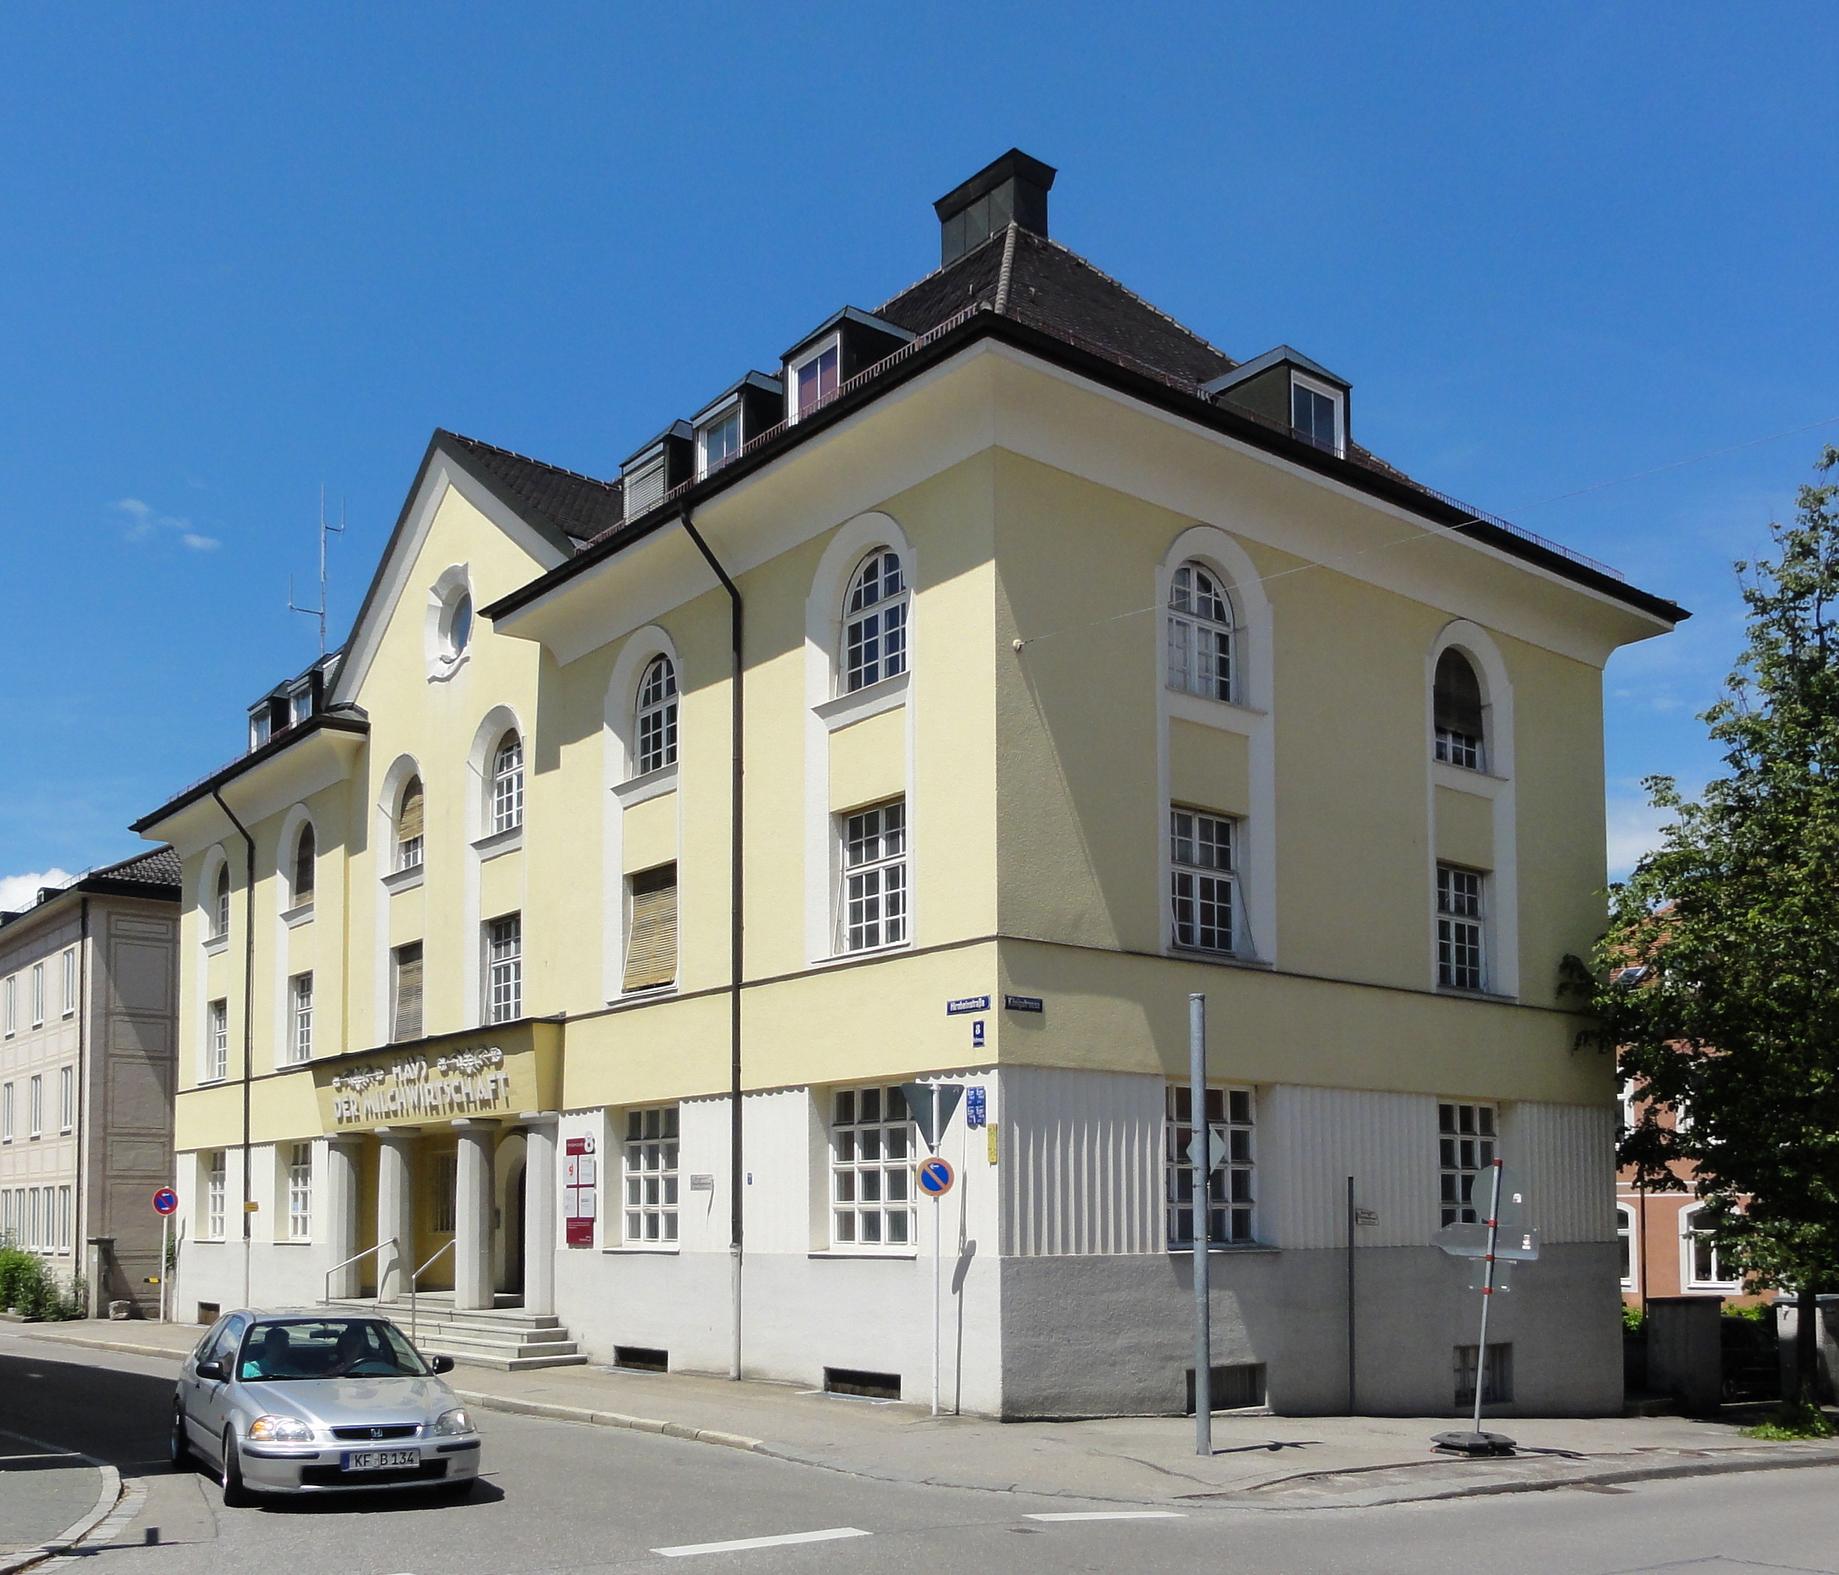 Haus Kempten Bauforum24 – Startseite Design Bilder